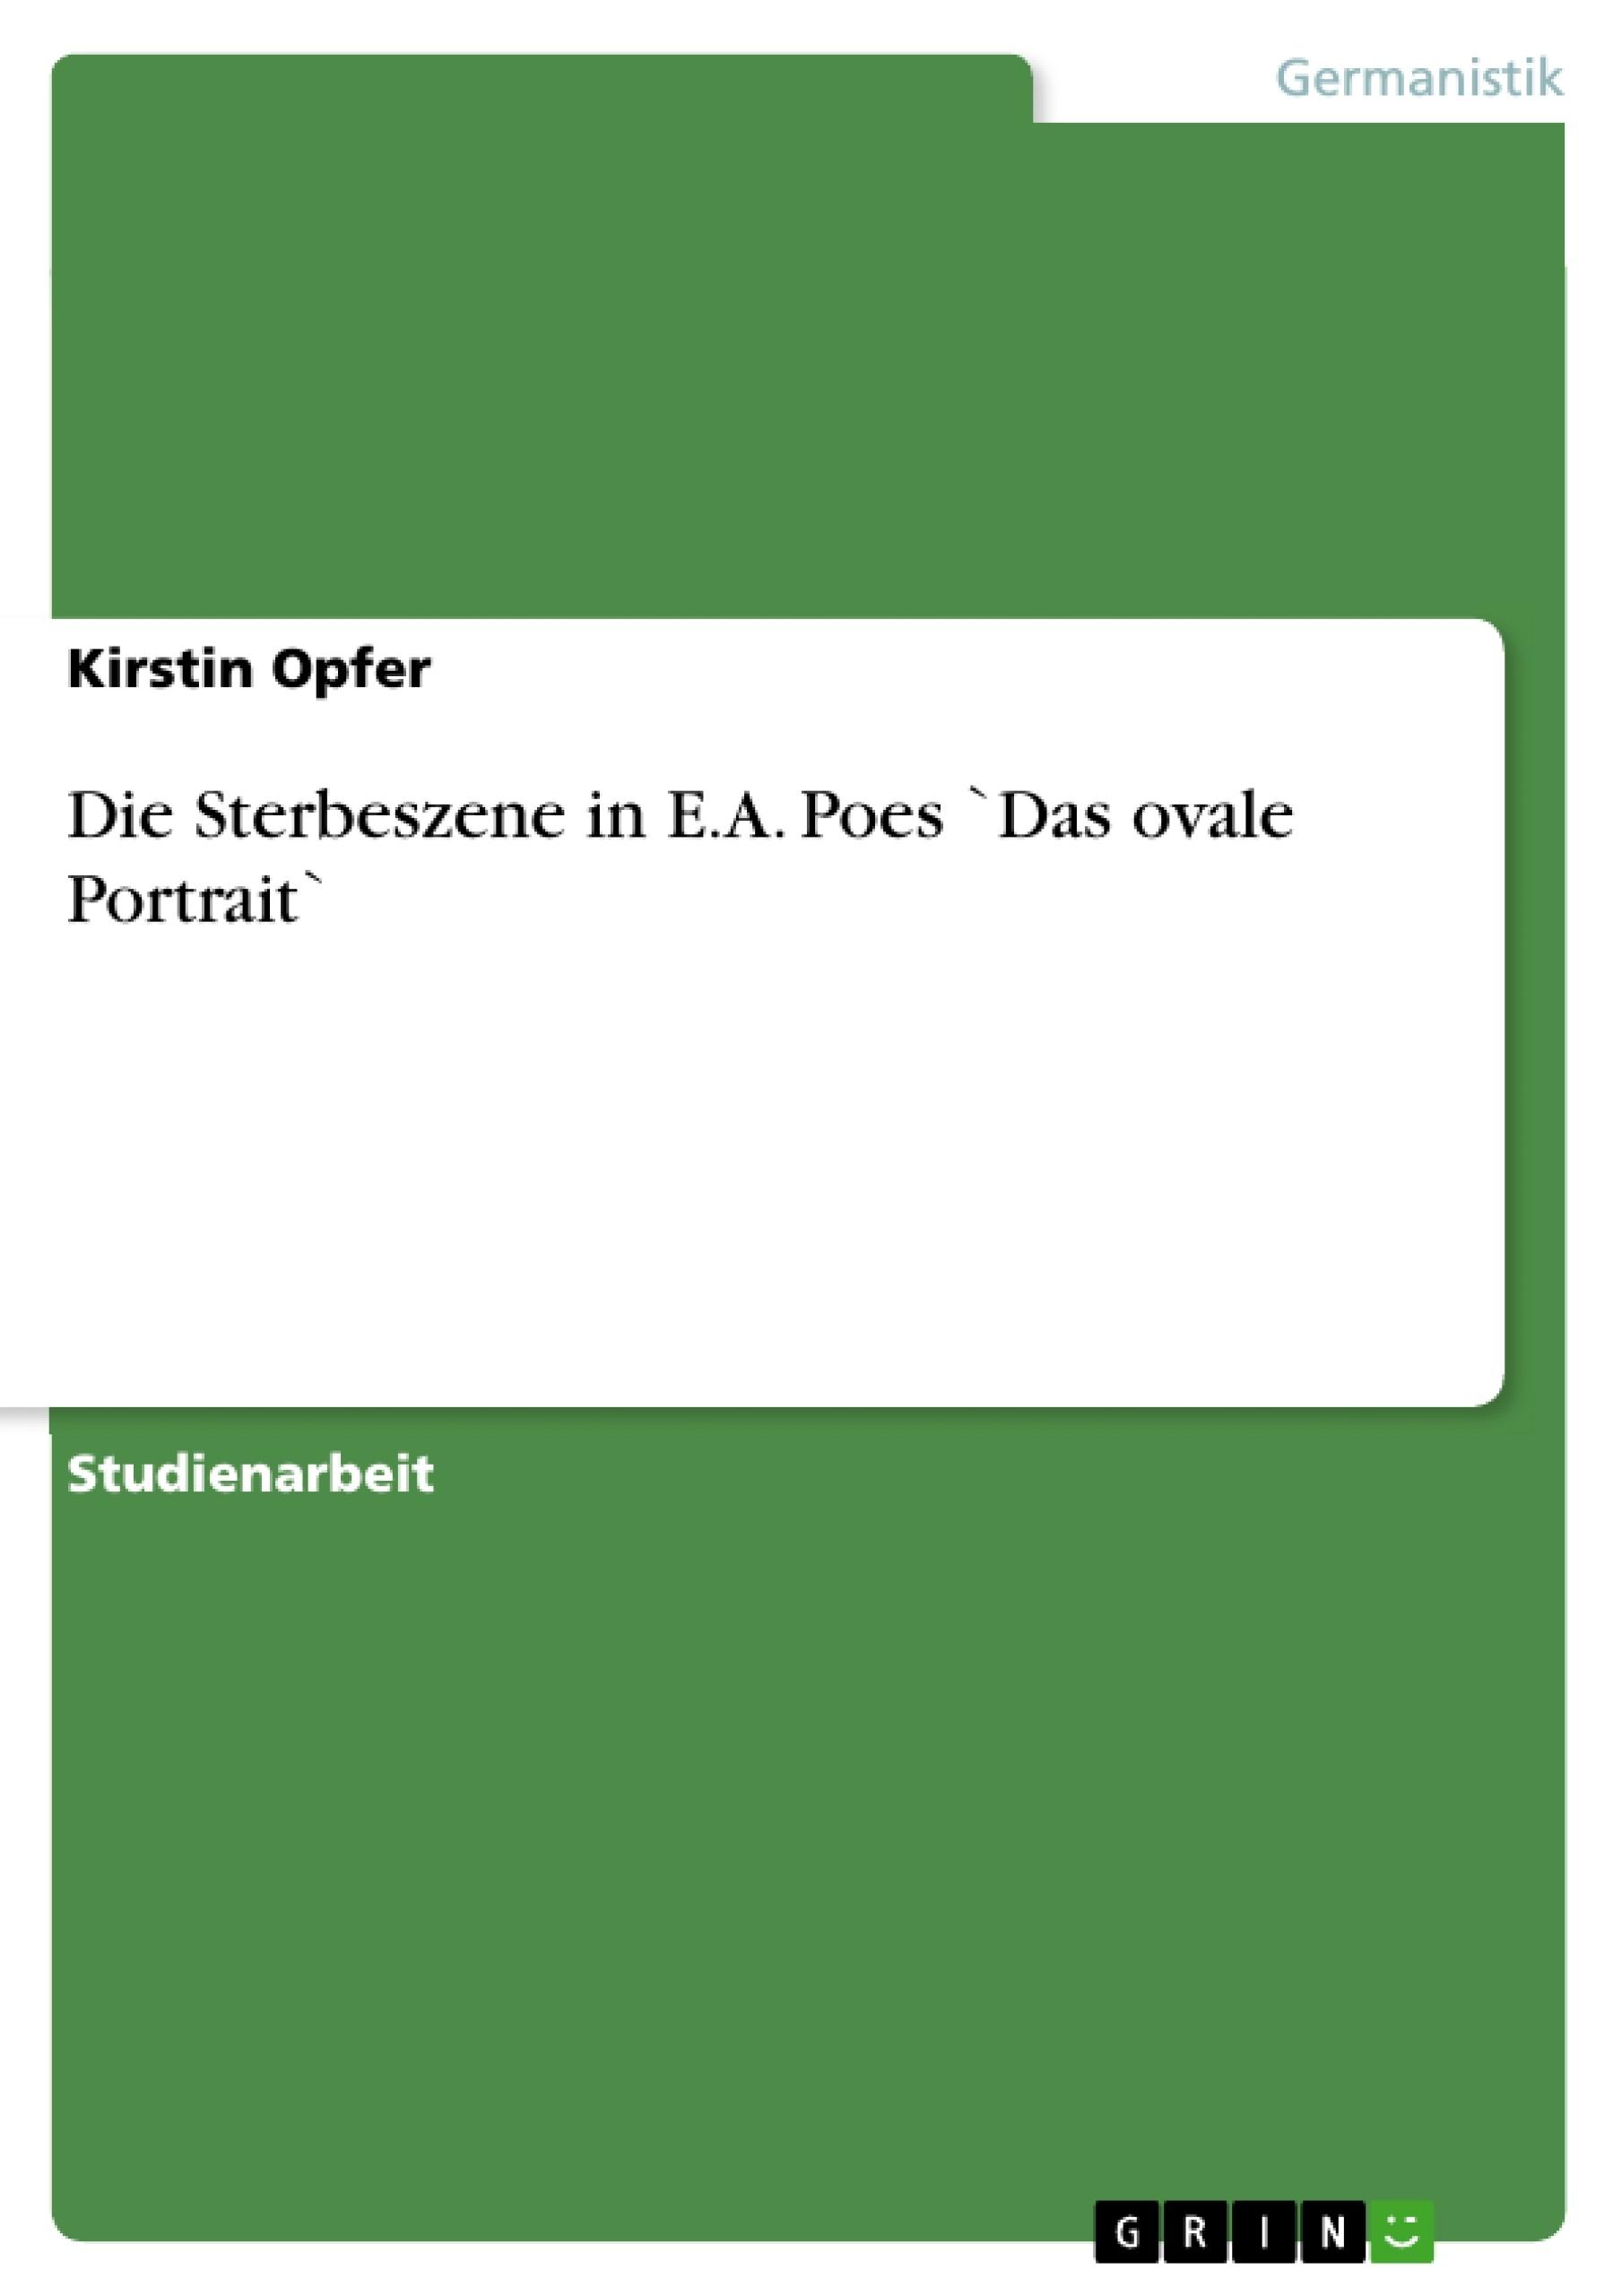 Titel: Die Sterbeszene in E.A. Poes `Das ovale Portrait`